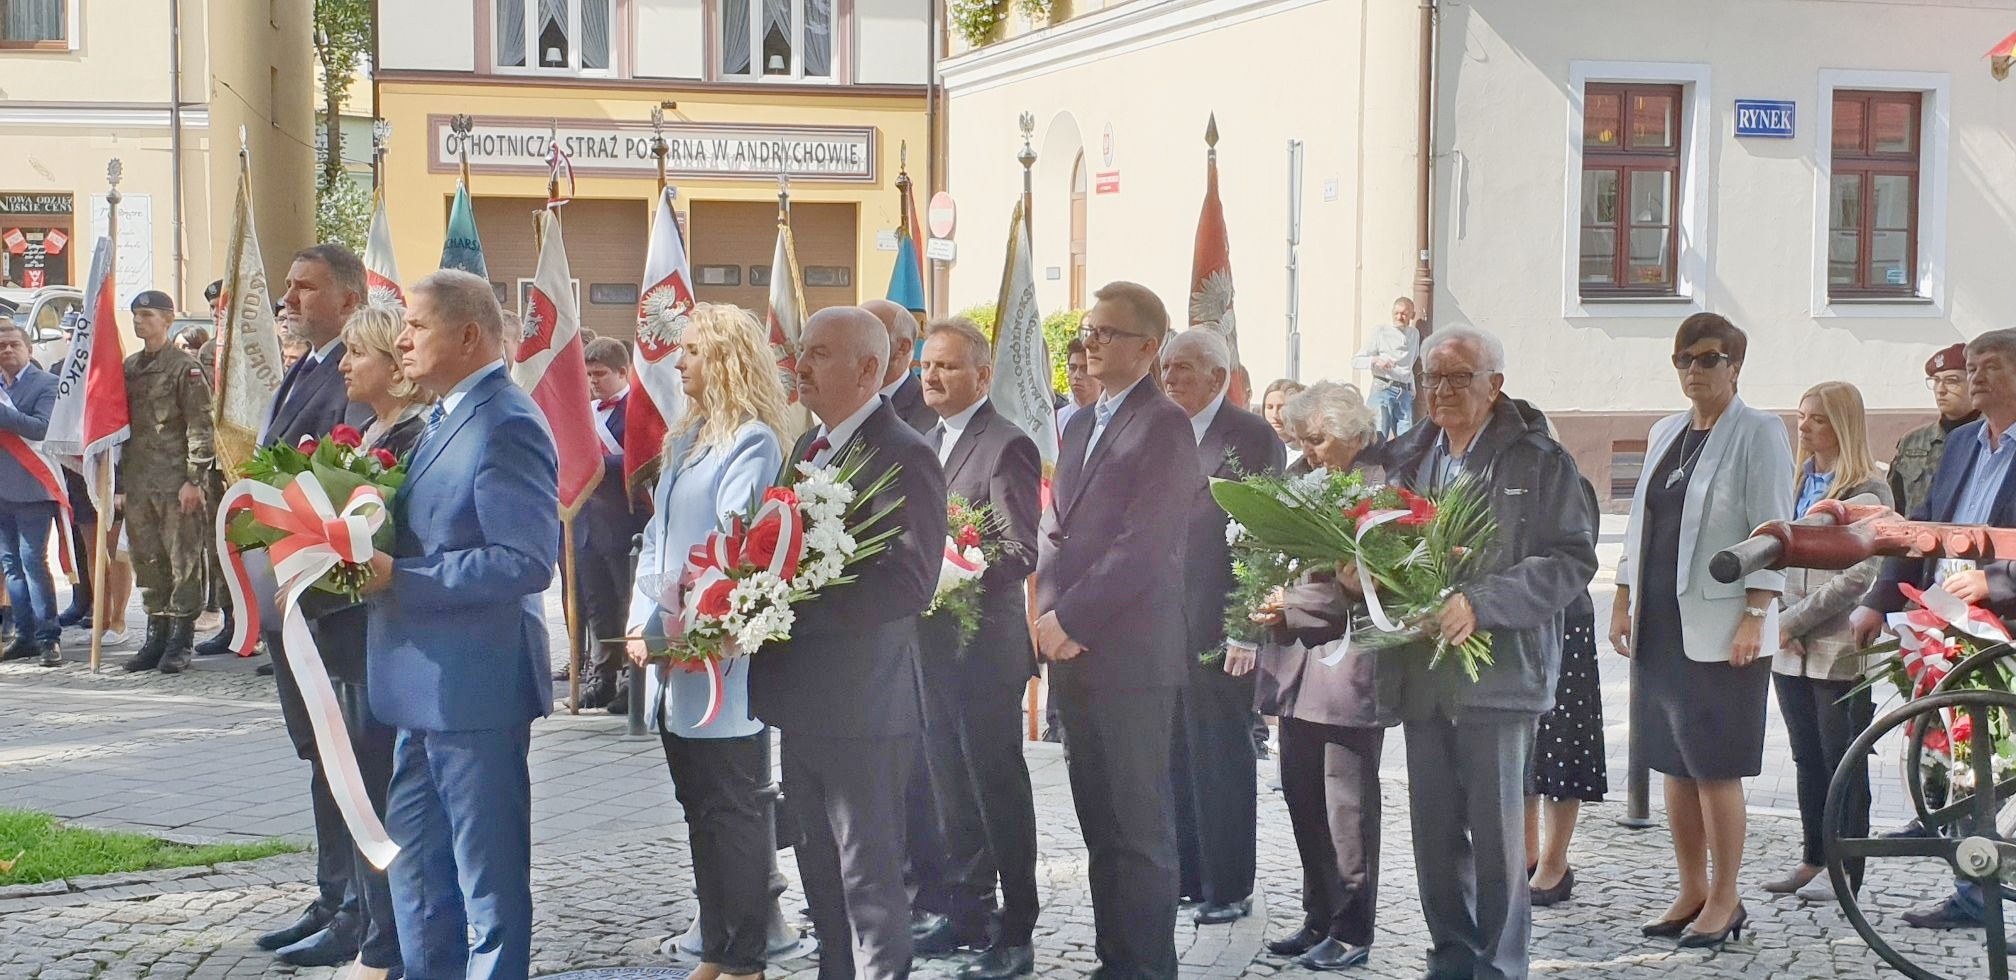 Andrychowskie obchody 80. rocznicy napaści wojsk sowieckich na Polskę [FOTO]